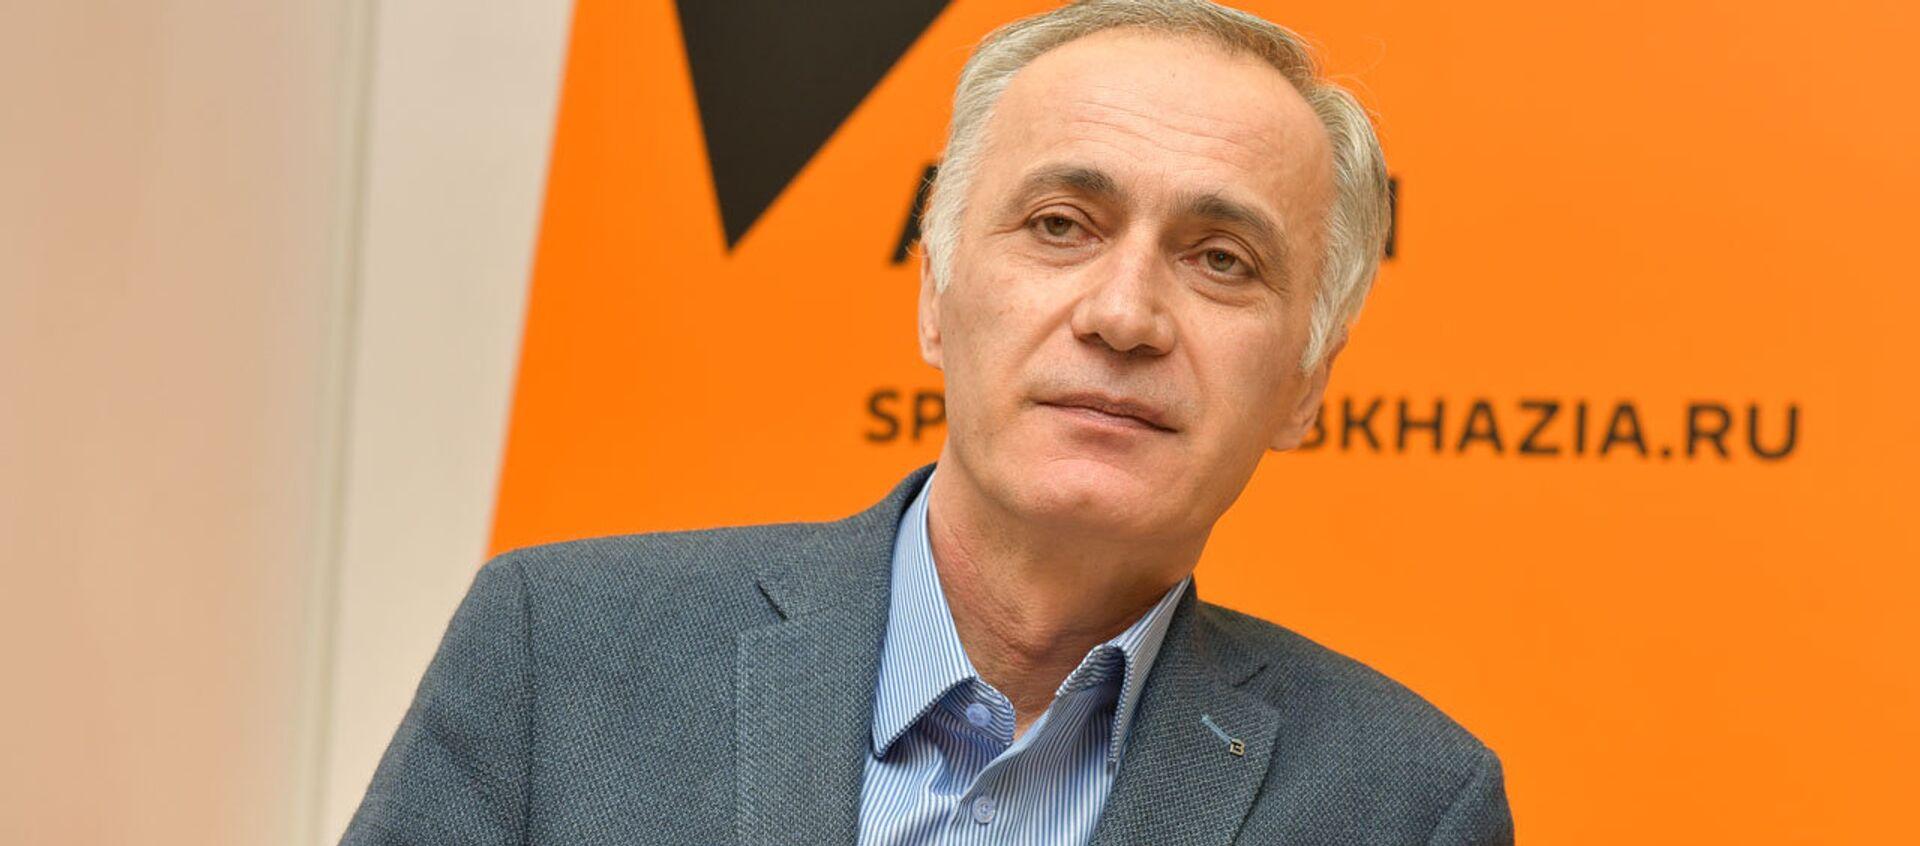 Роман Дбар - Sputnik Абхазия, 1920, 18.08.2021